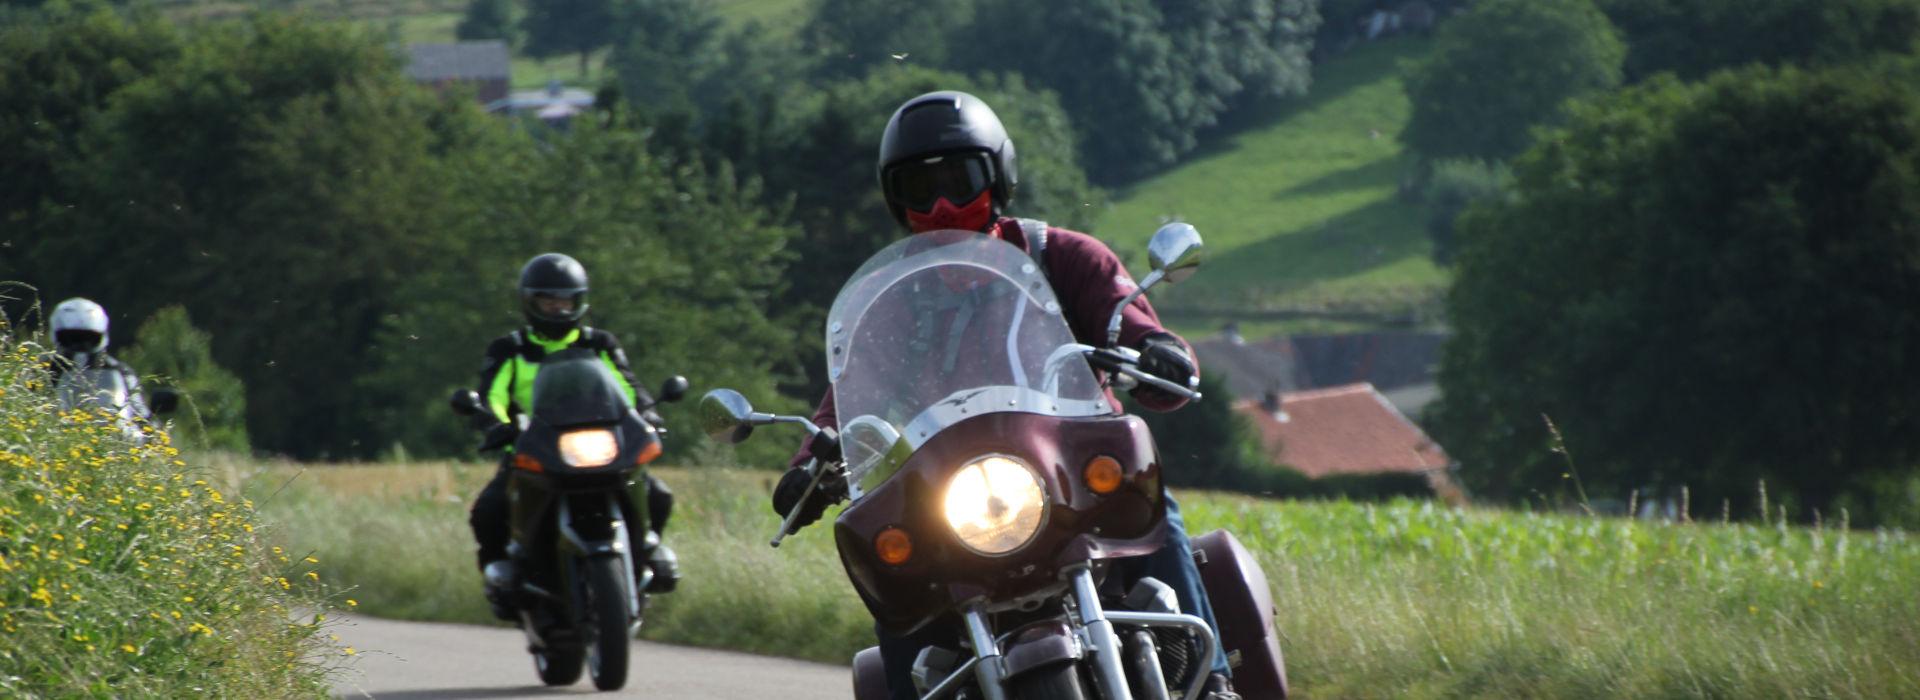 Motorrijbewijspoint Zoetermeer spoedcursus motorrijbewijs